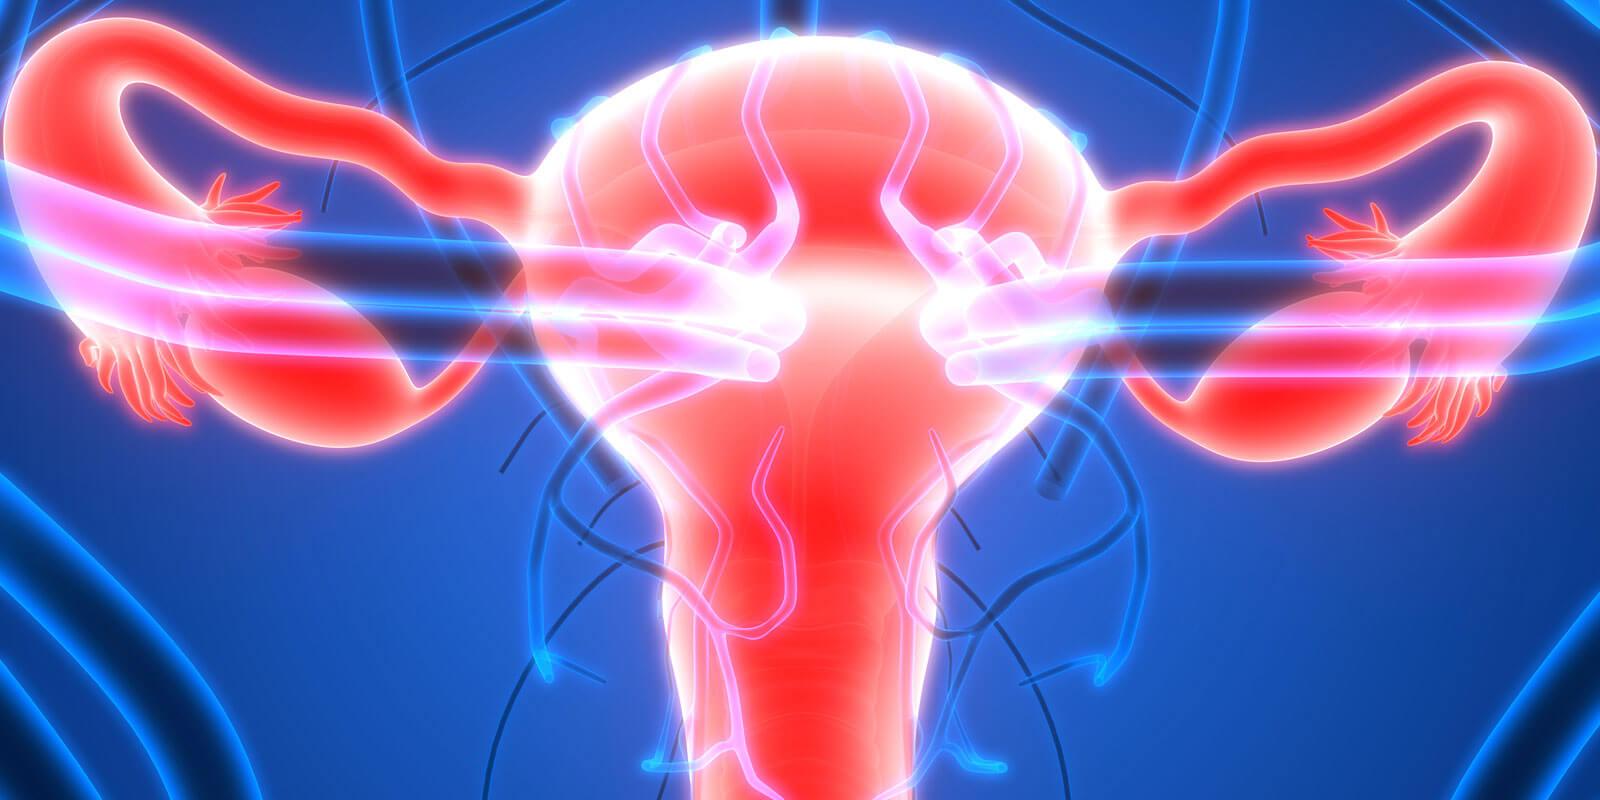 Gebärmutterhalskrebs (Zervixkarzinom) und Sexualität